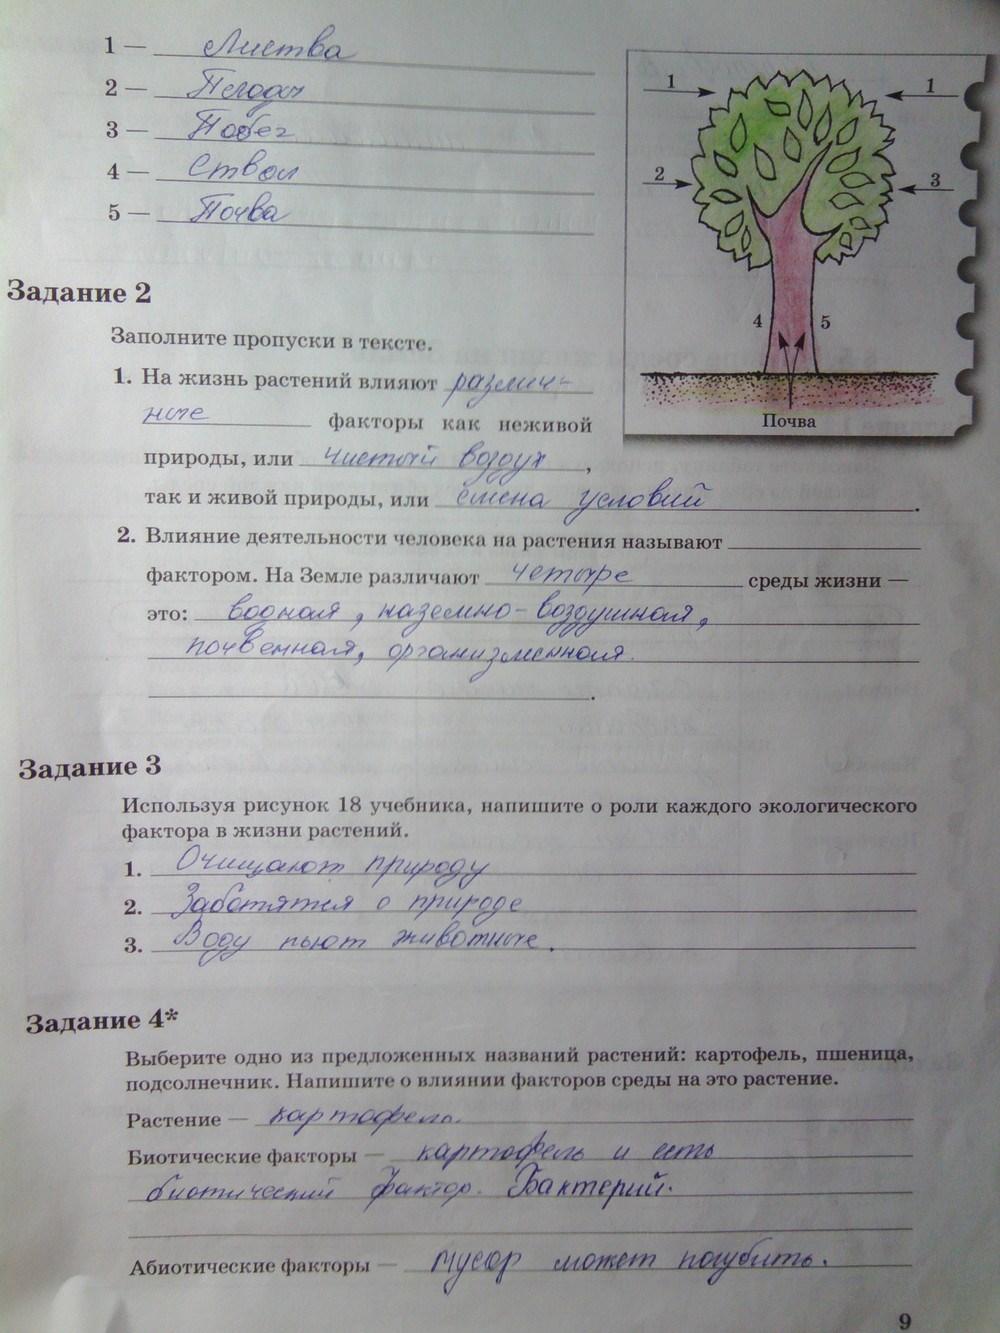 Гдз По Биологии 5 Класс Рабочая Тетрадь Пономаревой